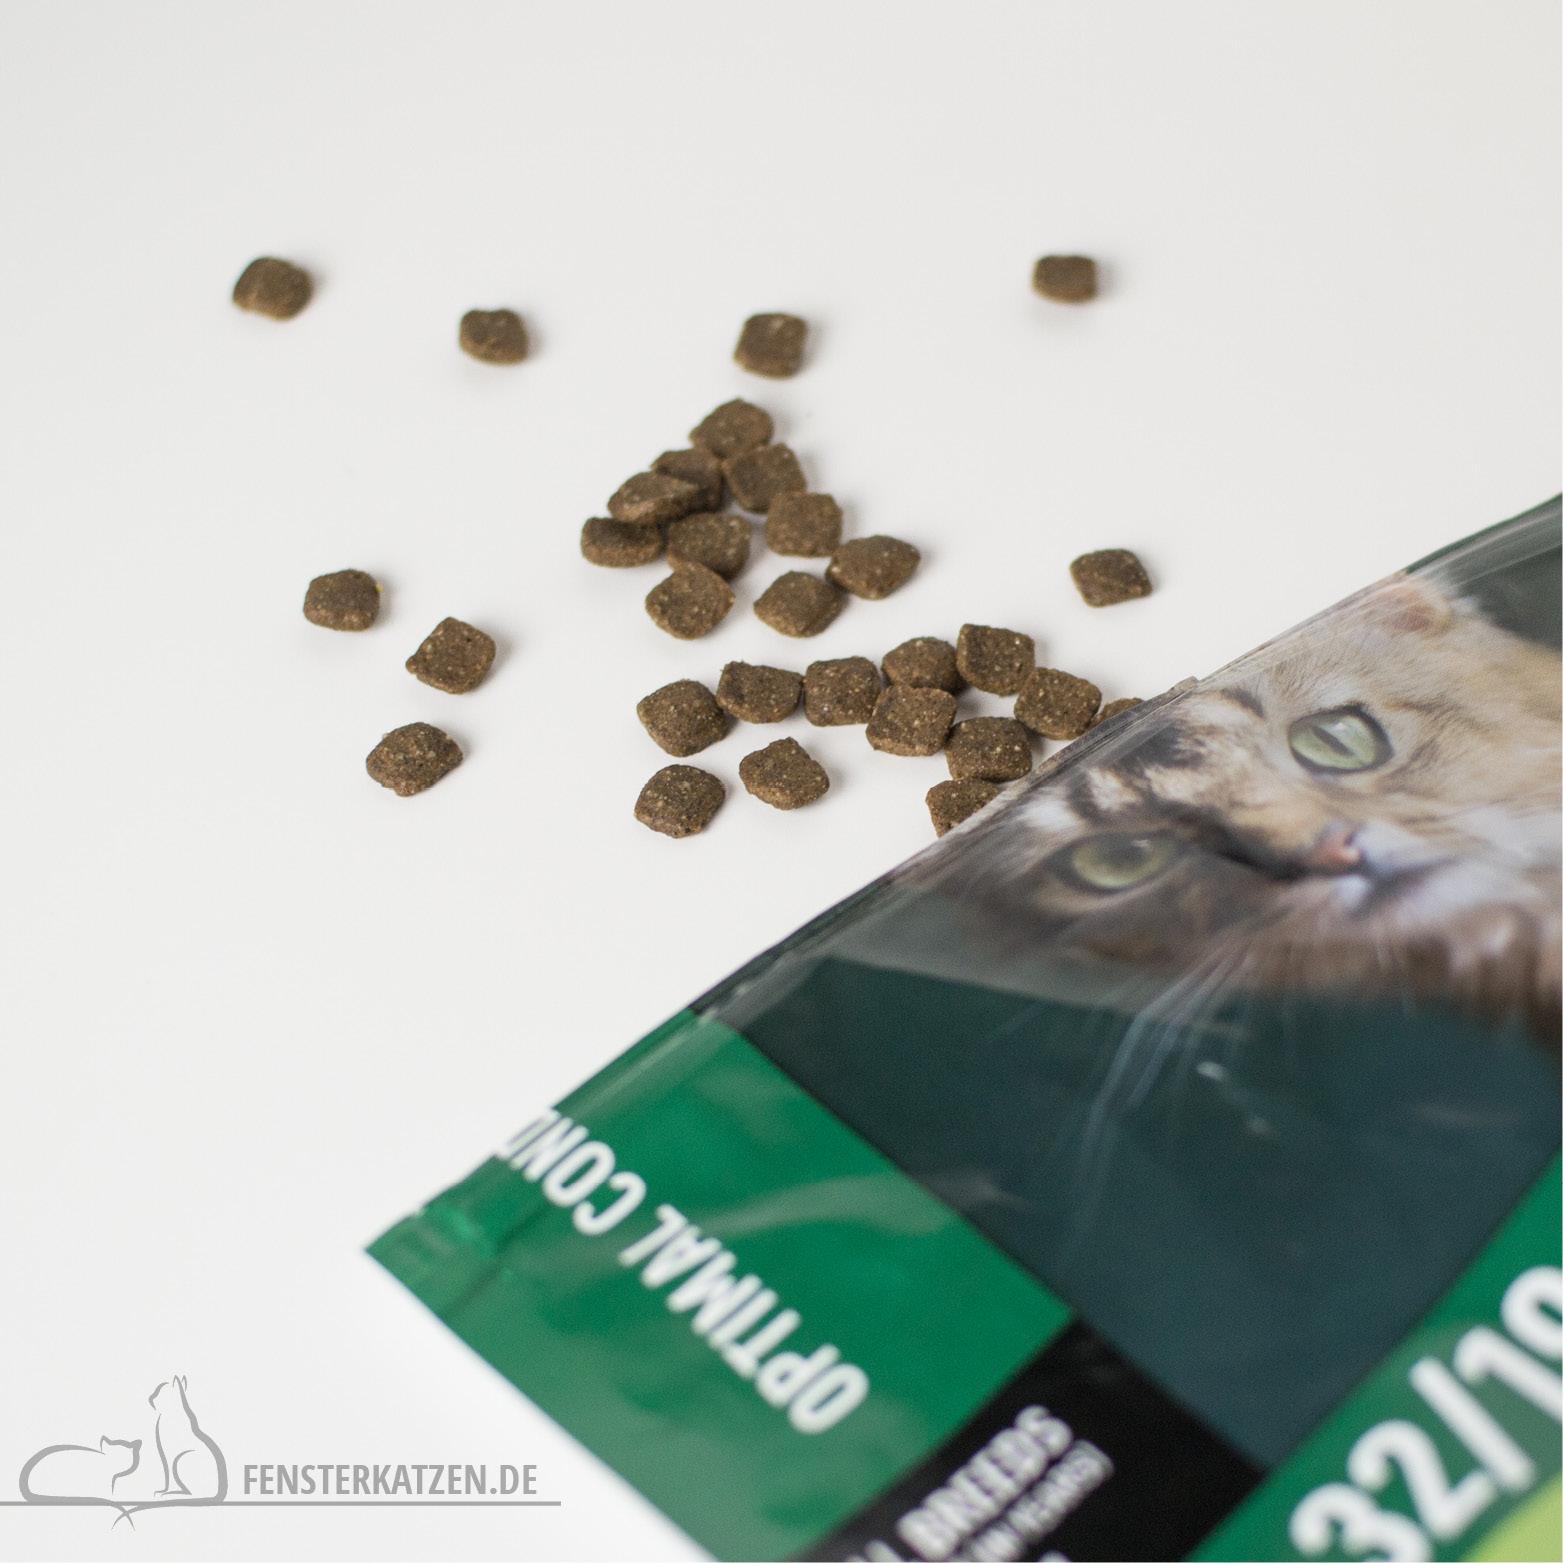 Fensterkatzen-Getestet-Goodie-Box-Zookauf-Shop-Trockenfutter-Groesse